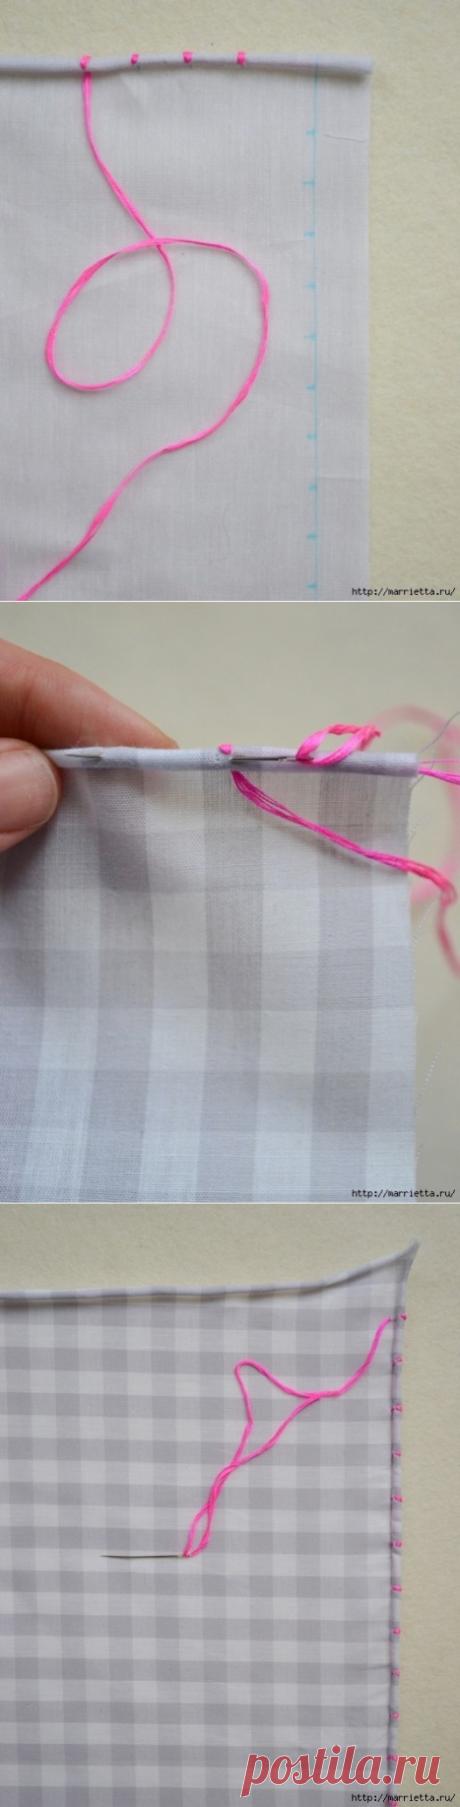 Красивая обработка края кухонного полотенца без помощи швейной машинки